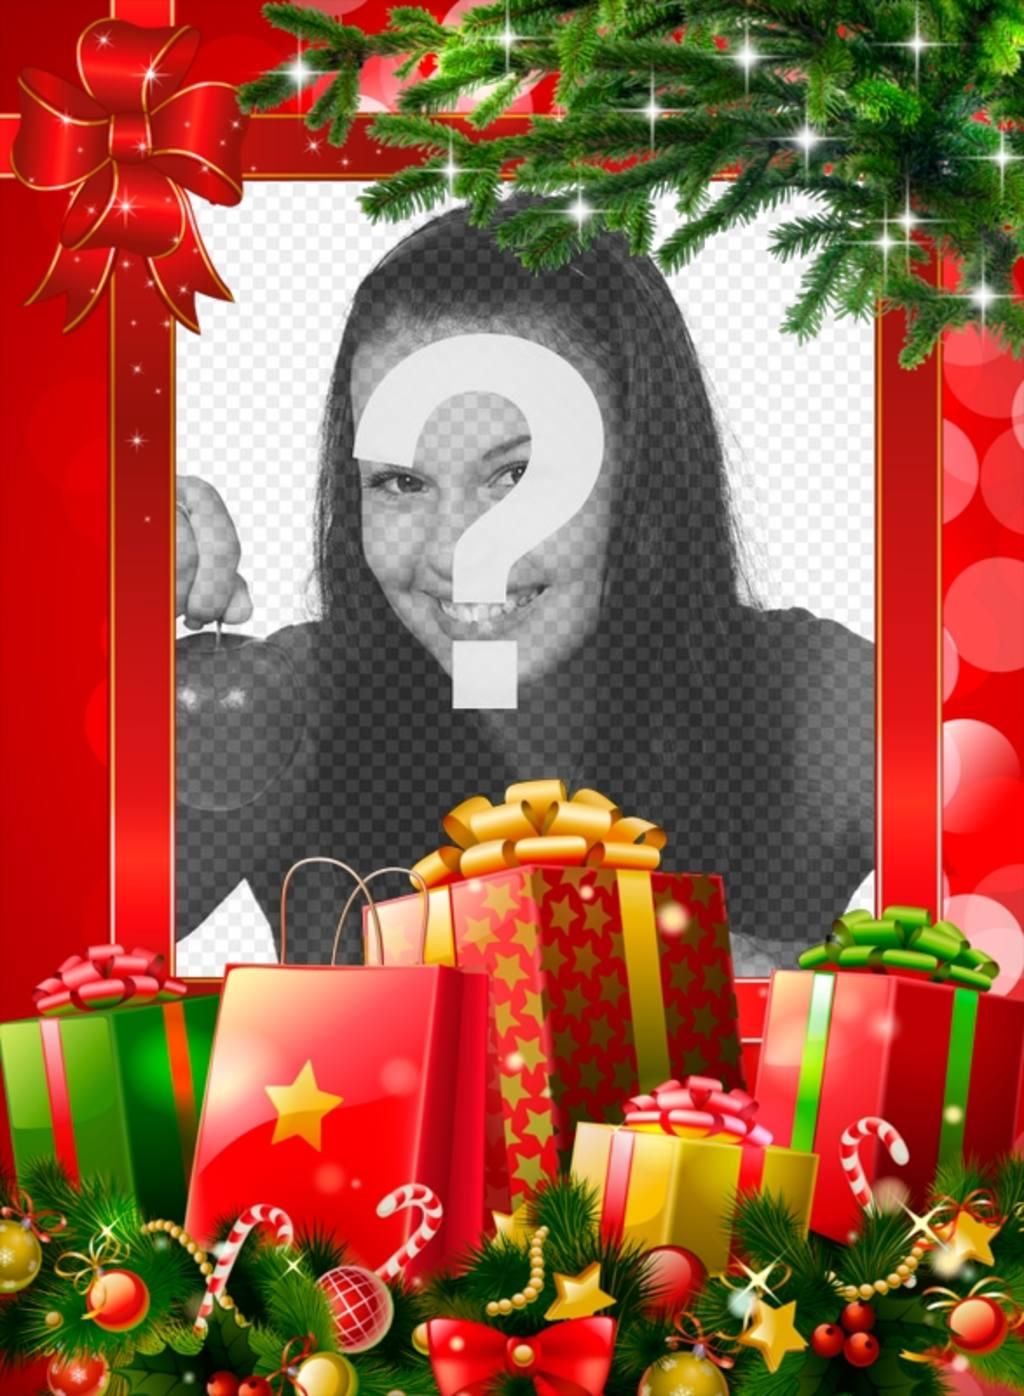 Immagini Natale Da Personalizzare.Cornice Di Natale Con Molti Regali Da Personalizzare Con La